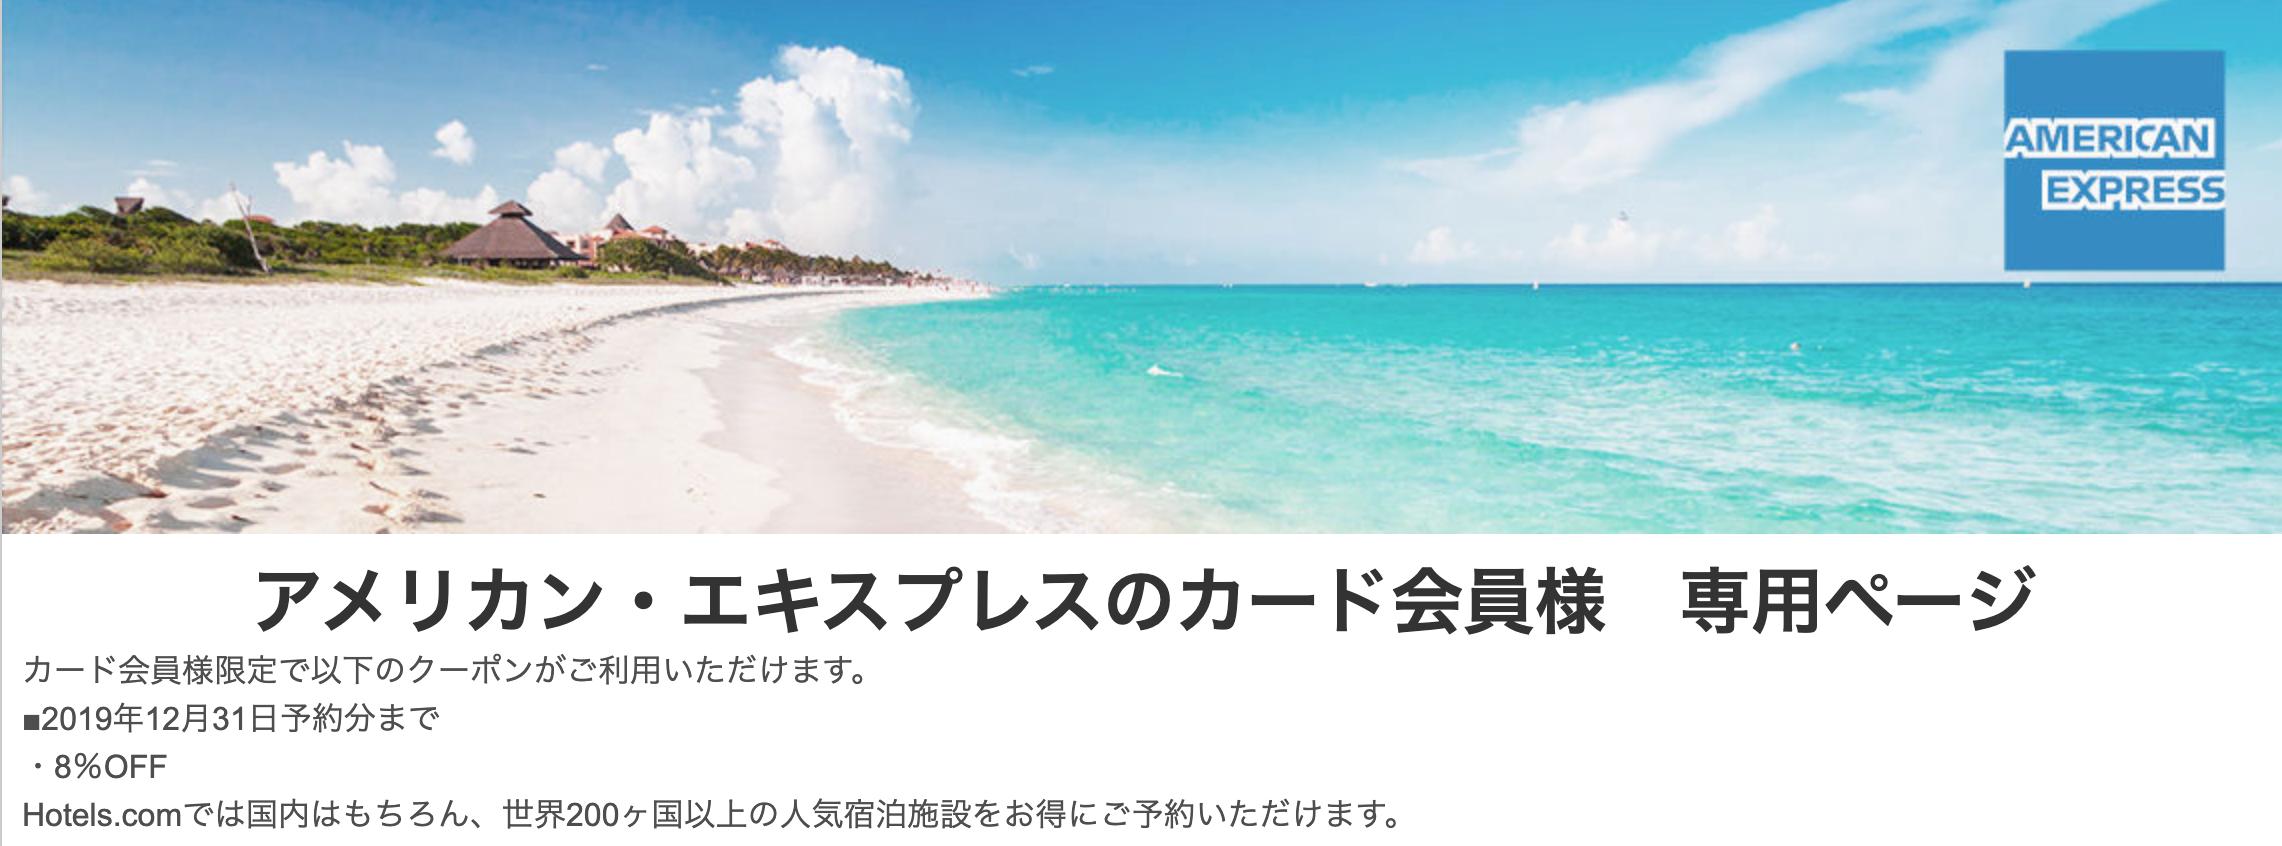 ホテルズドットコム (Hotels.com)の国内・海外ホテル予約8%割引クーポン(アメックス(AMEX)カード会員限定)